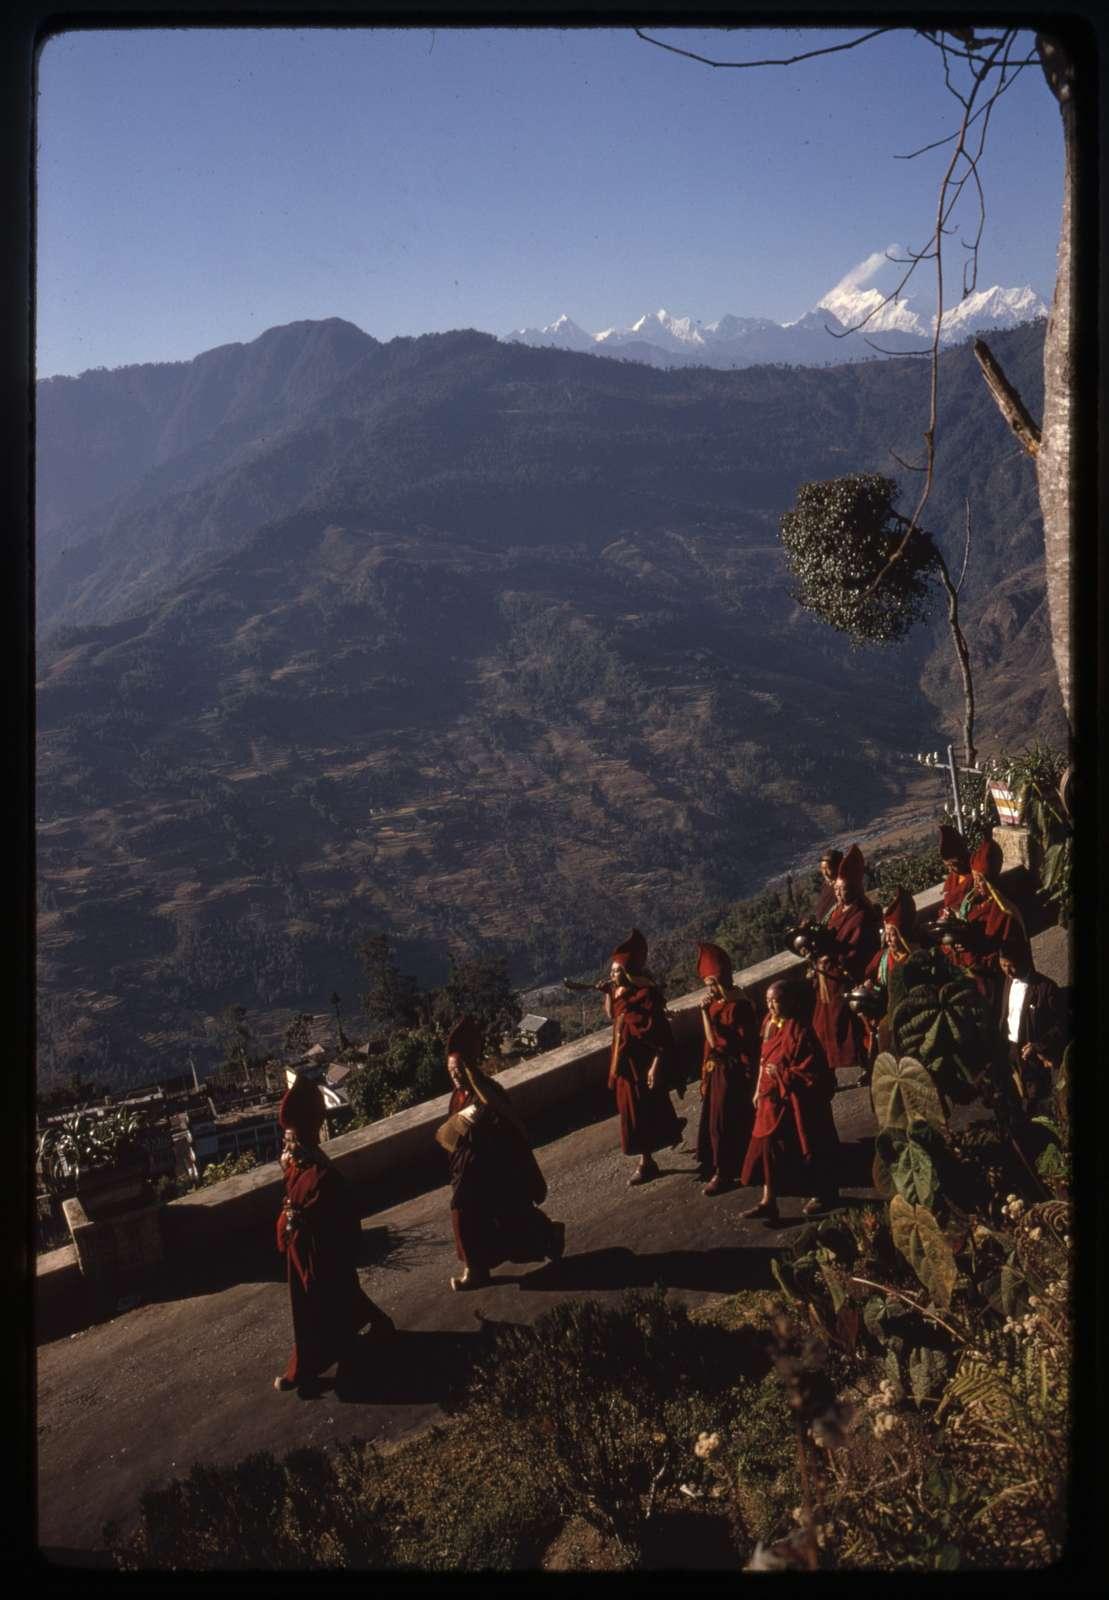 [Monks parade down the mountain to perform religious sacrifice, Sikkim]